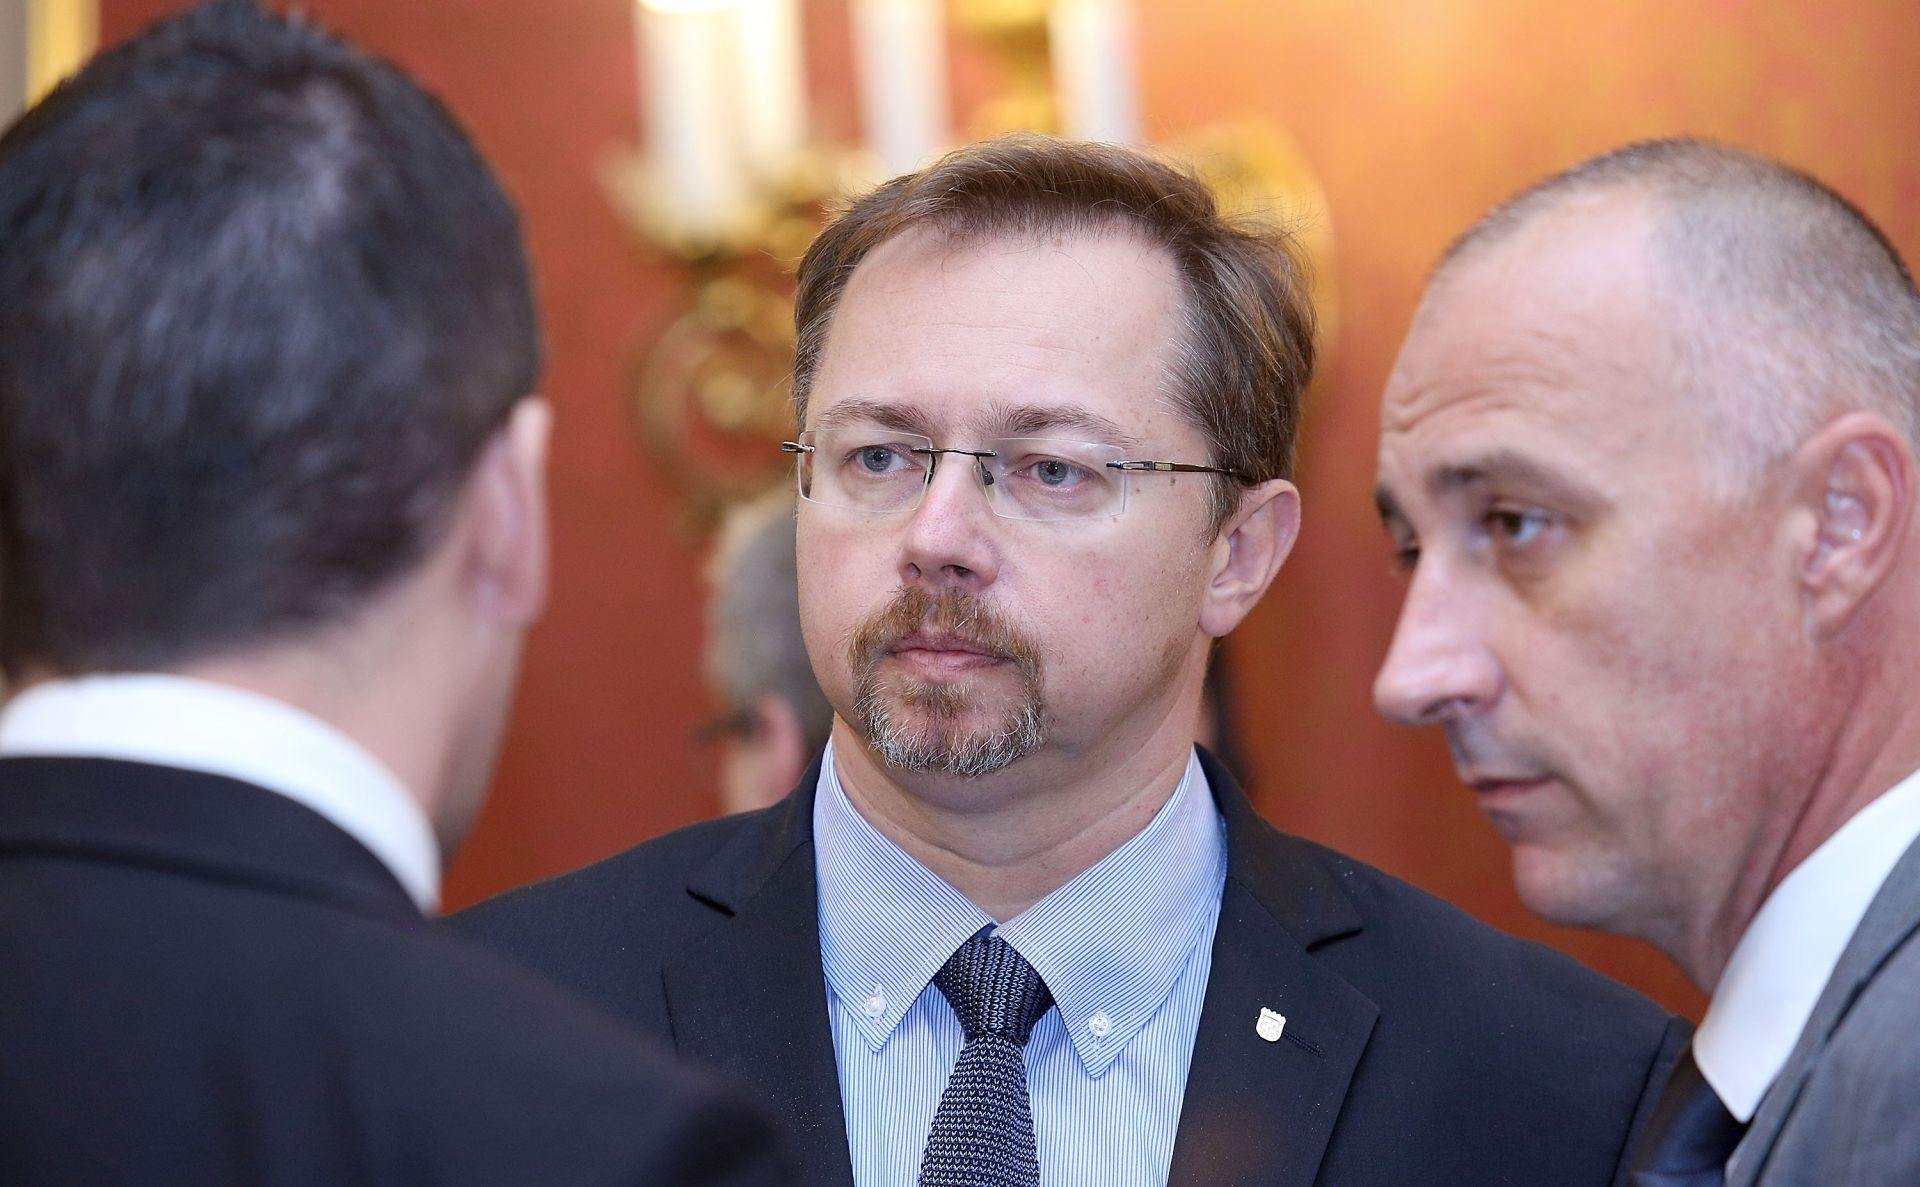 Ministar Varga pohvalio medicinsko osoblje koje skrbi o izbjeglicama